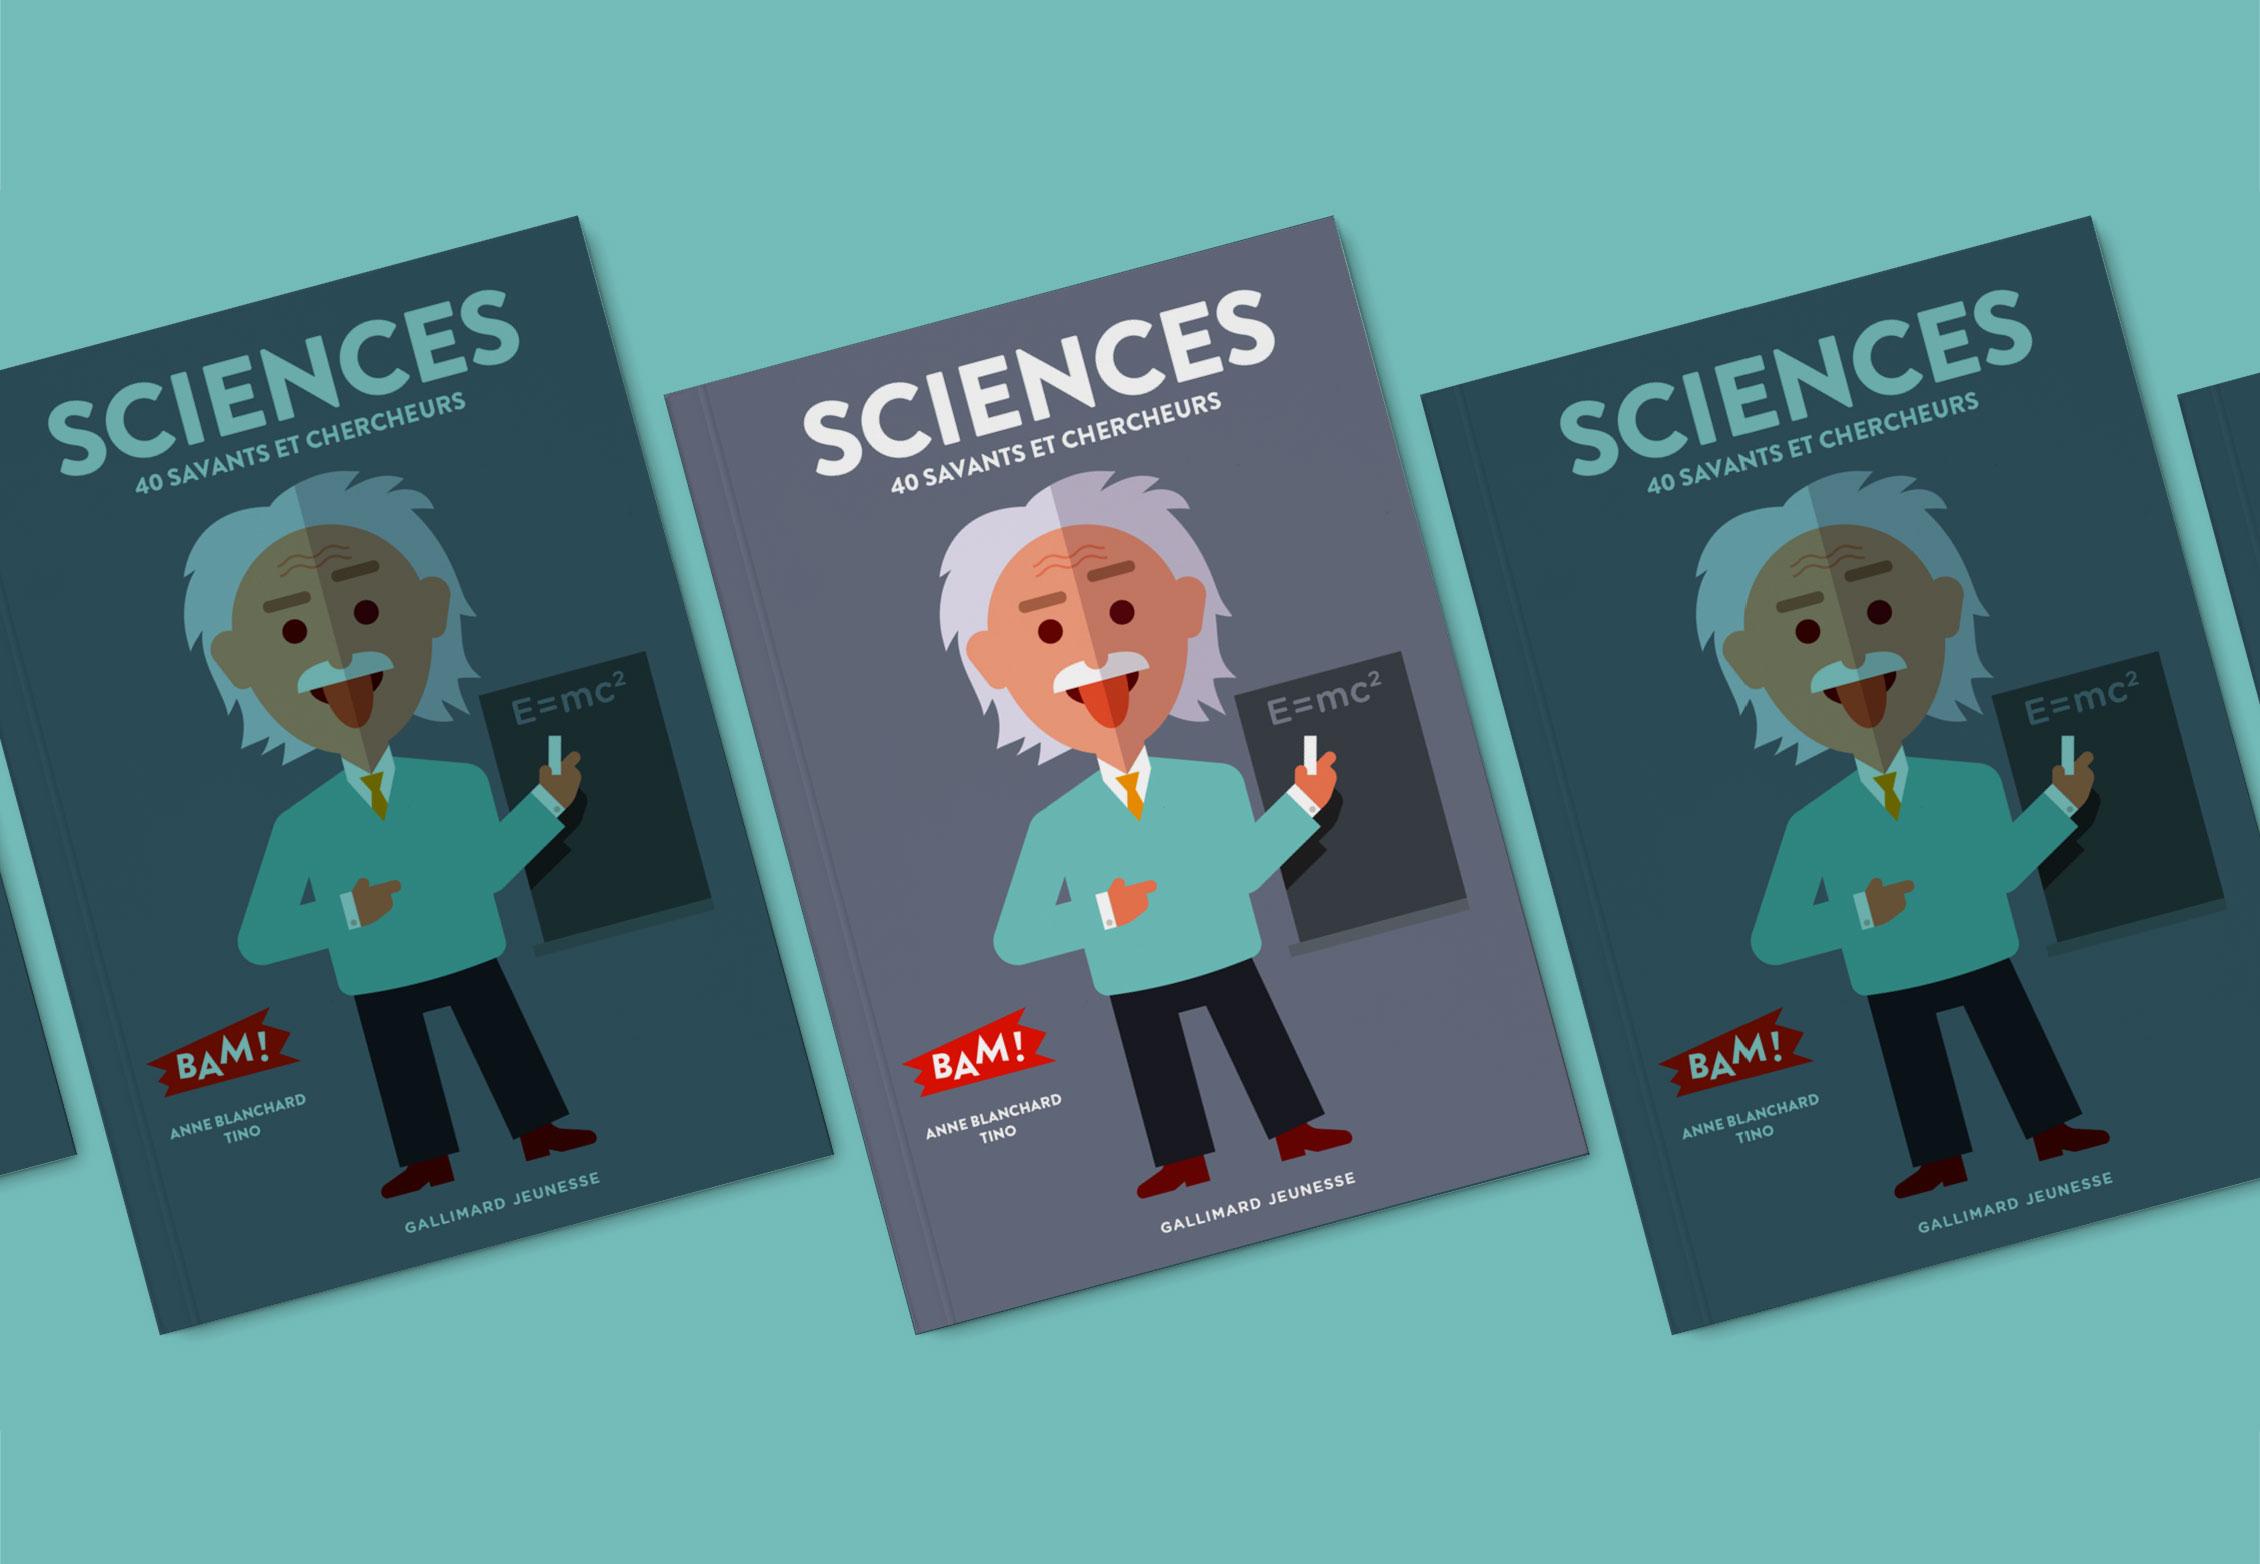 Bam! Sciences